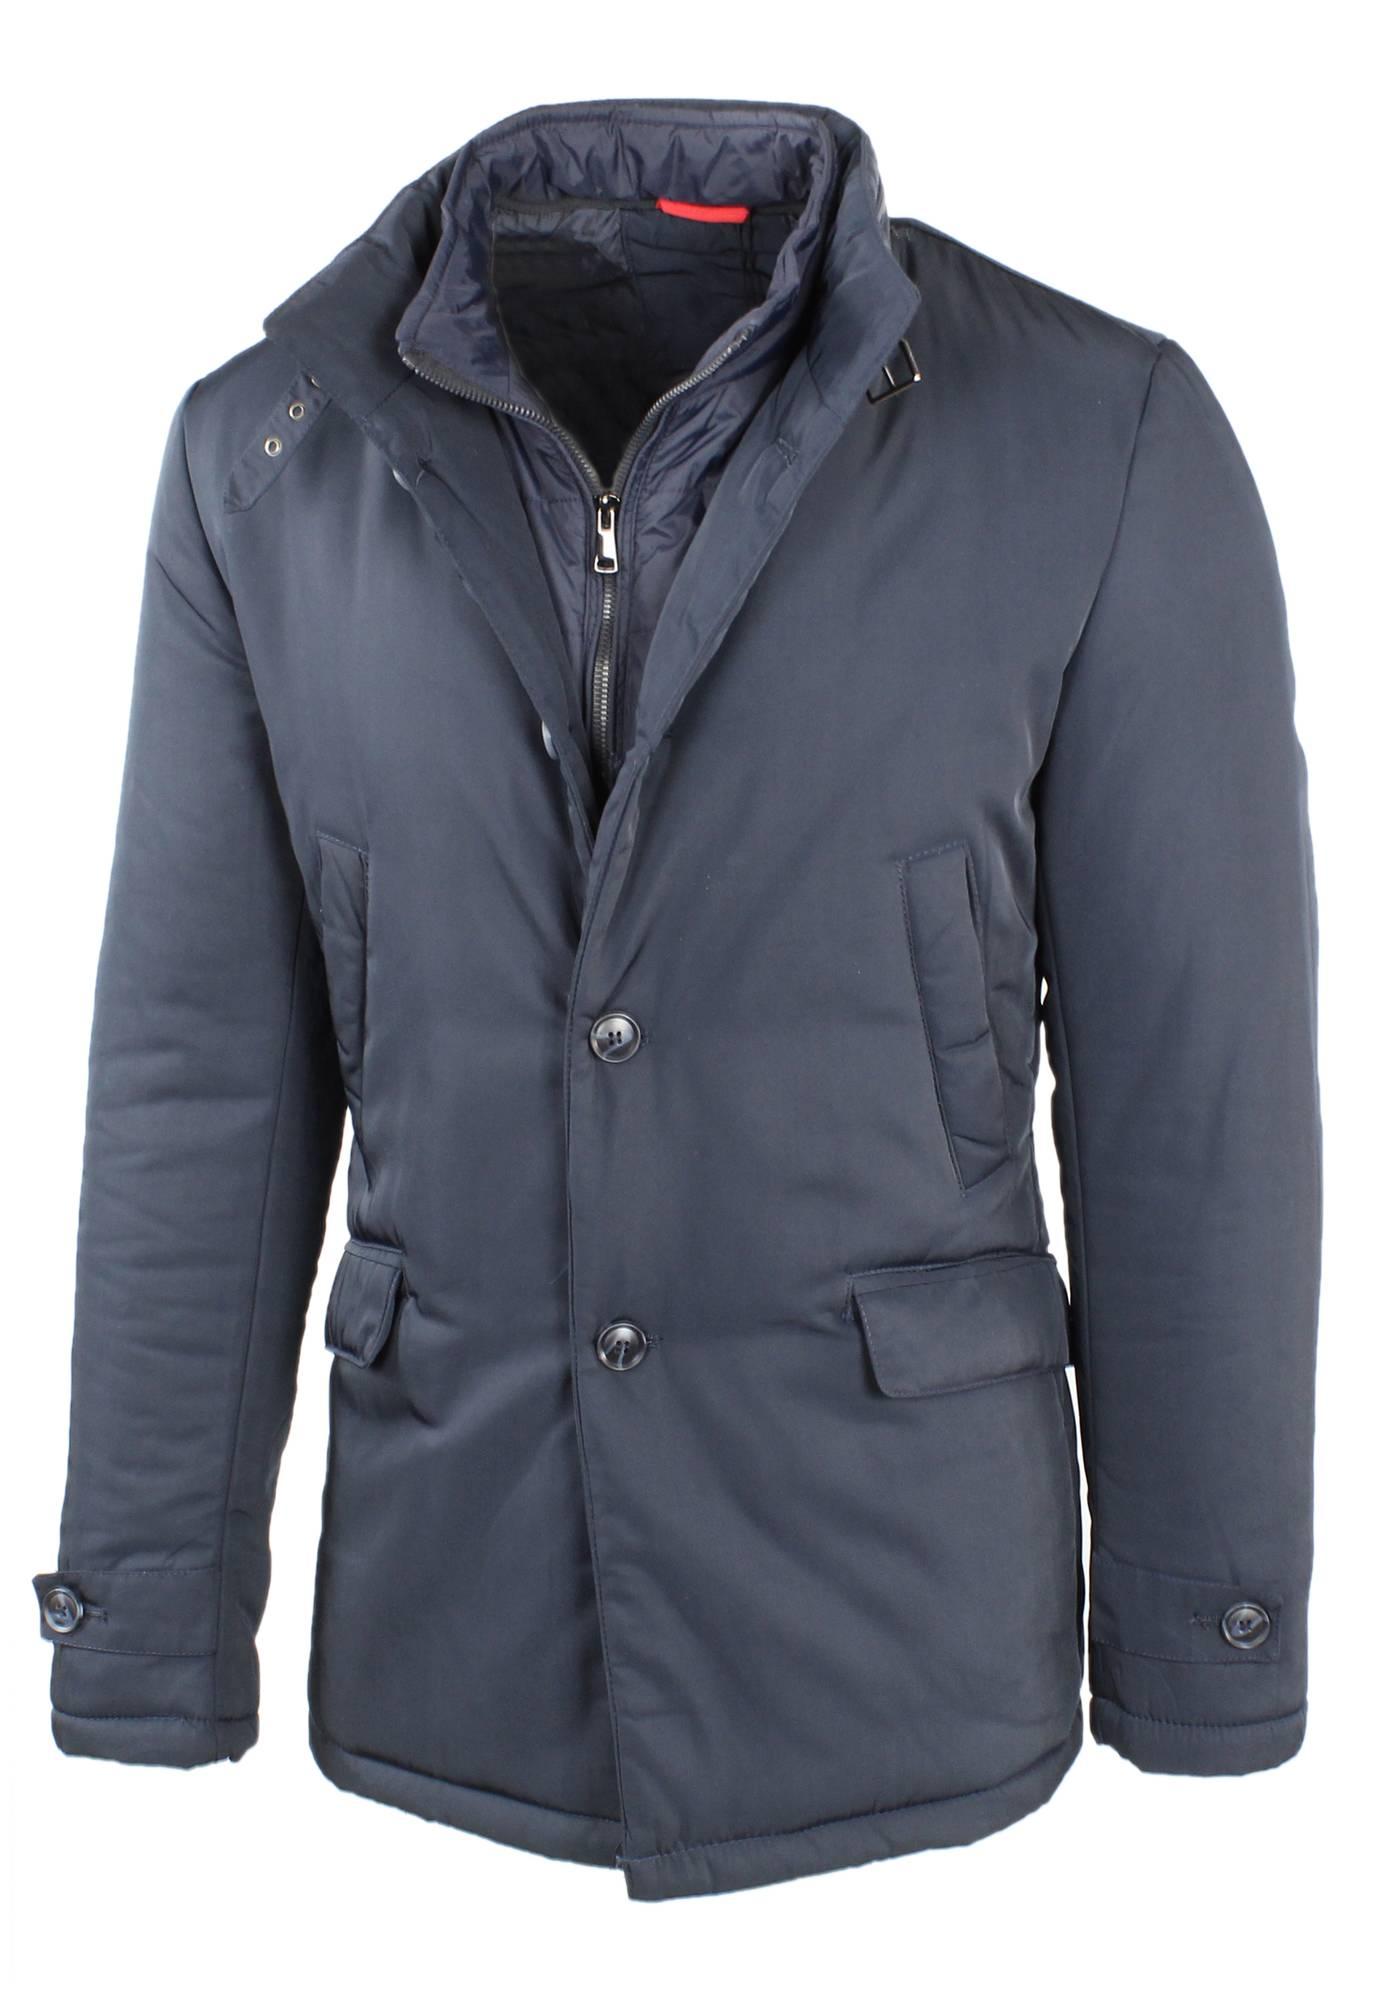 Giubbotto-Uomo-Invernale-Giaccone-Elegante-Giubbino-Sartoriale-Blu-Nero-Cappotto miniatura 4